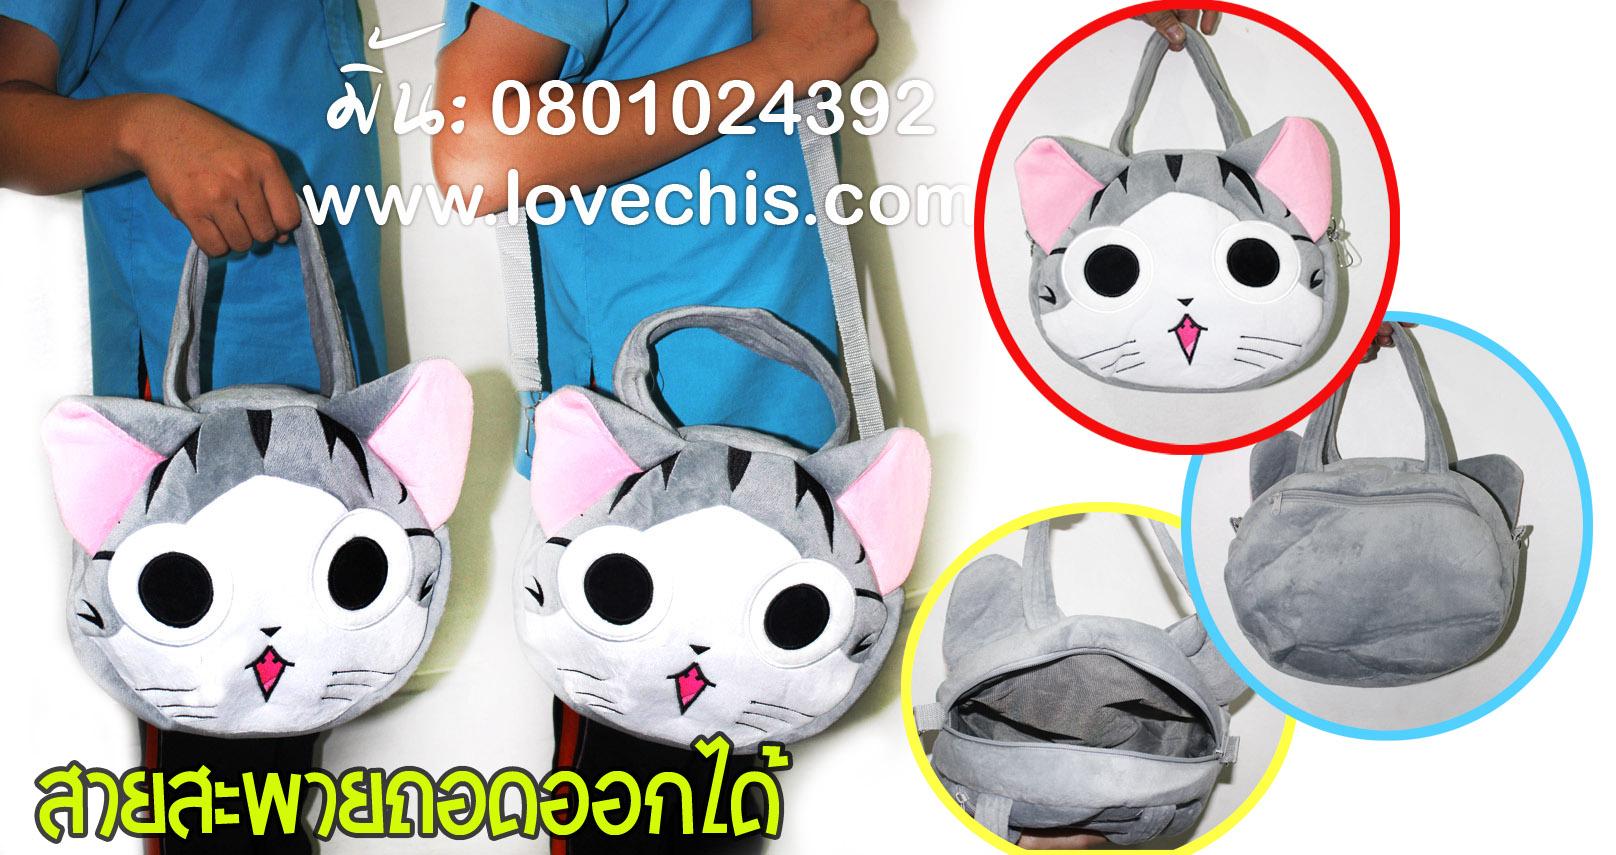 กระเป๋าสะพายข้างแมวจี้ ไซด์กลาง